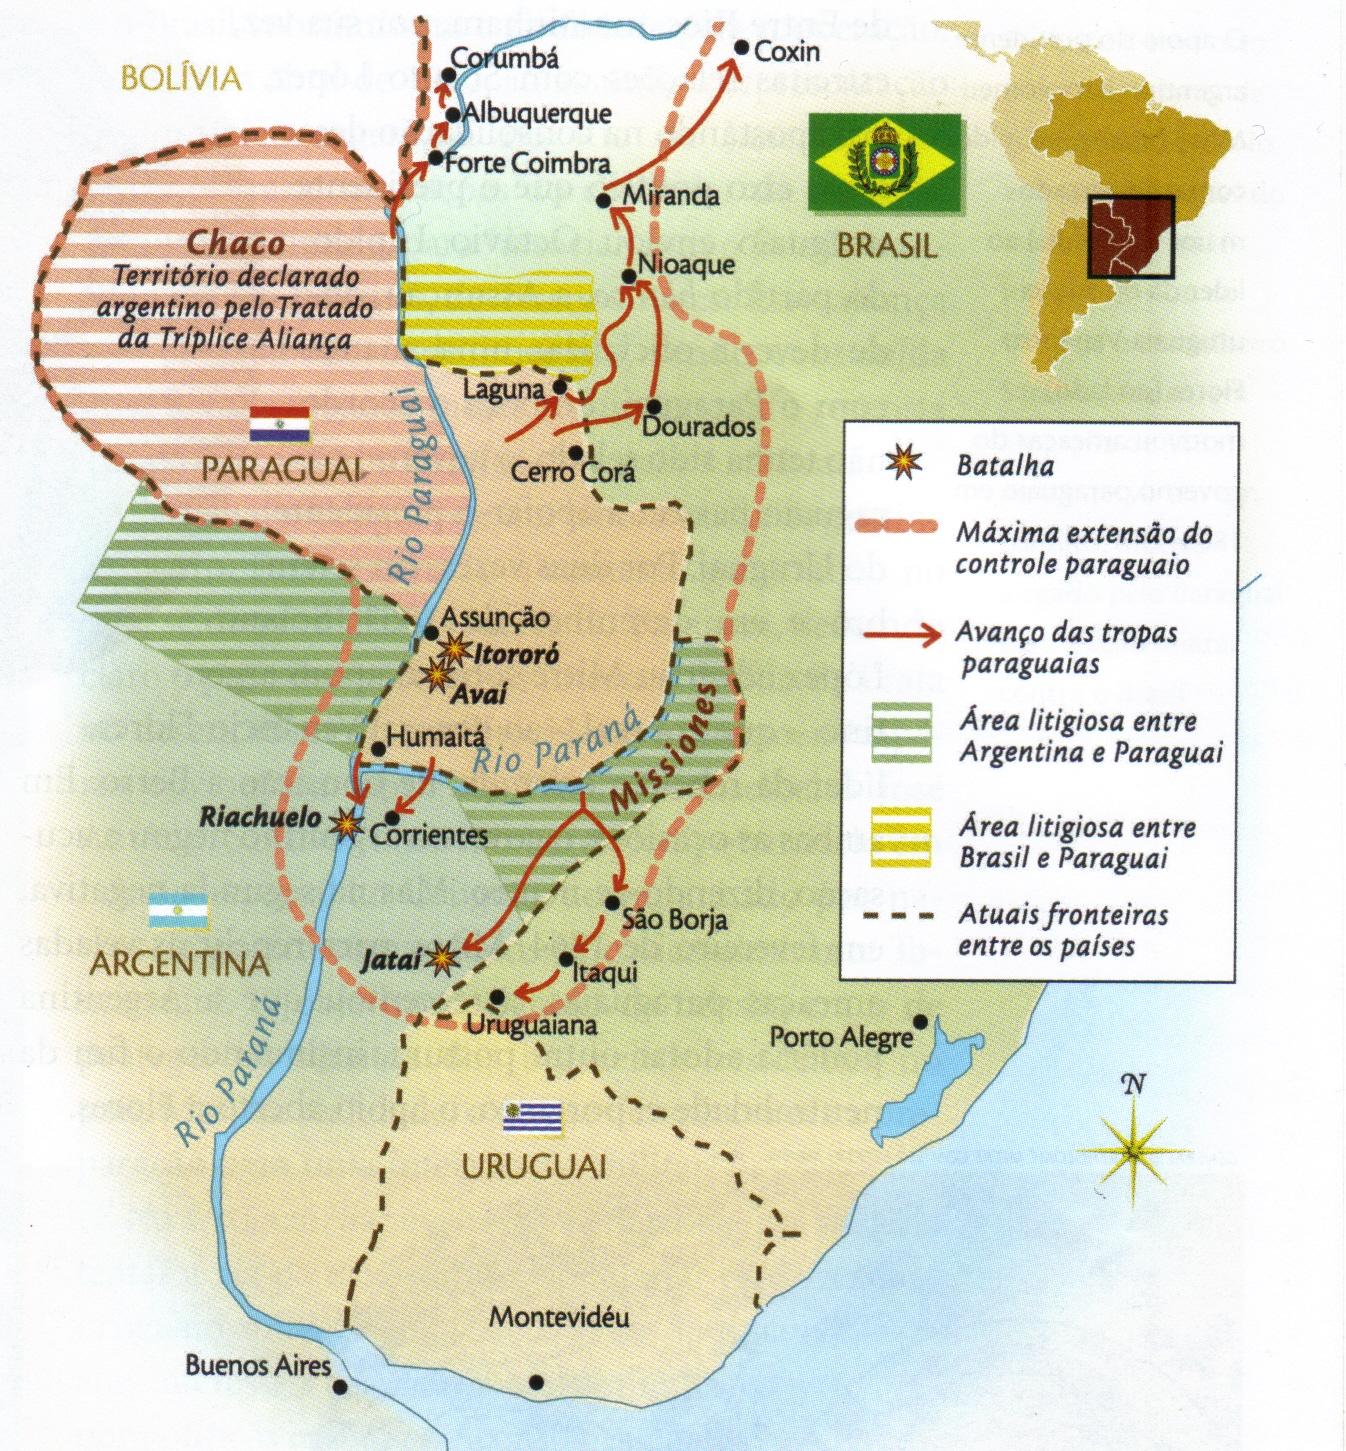 Resultado de imagem para mapa da guerra do paraguai